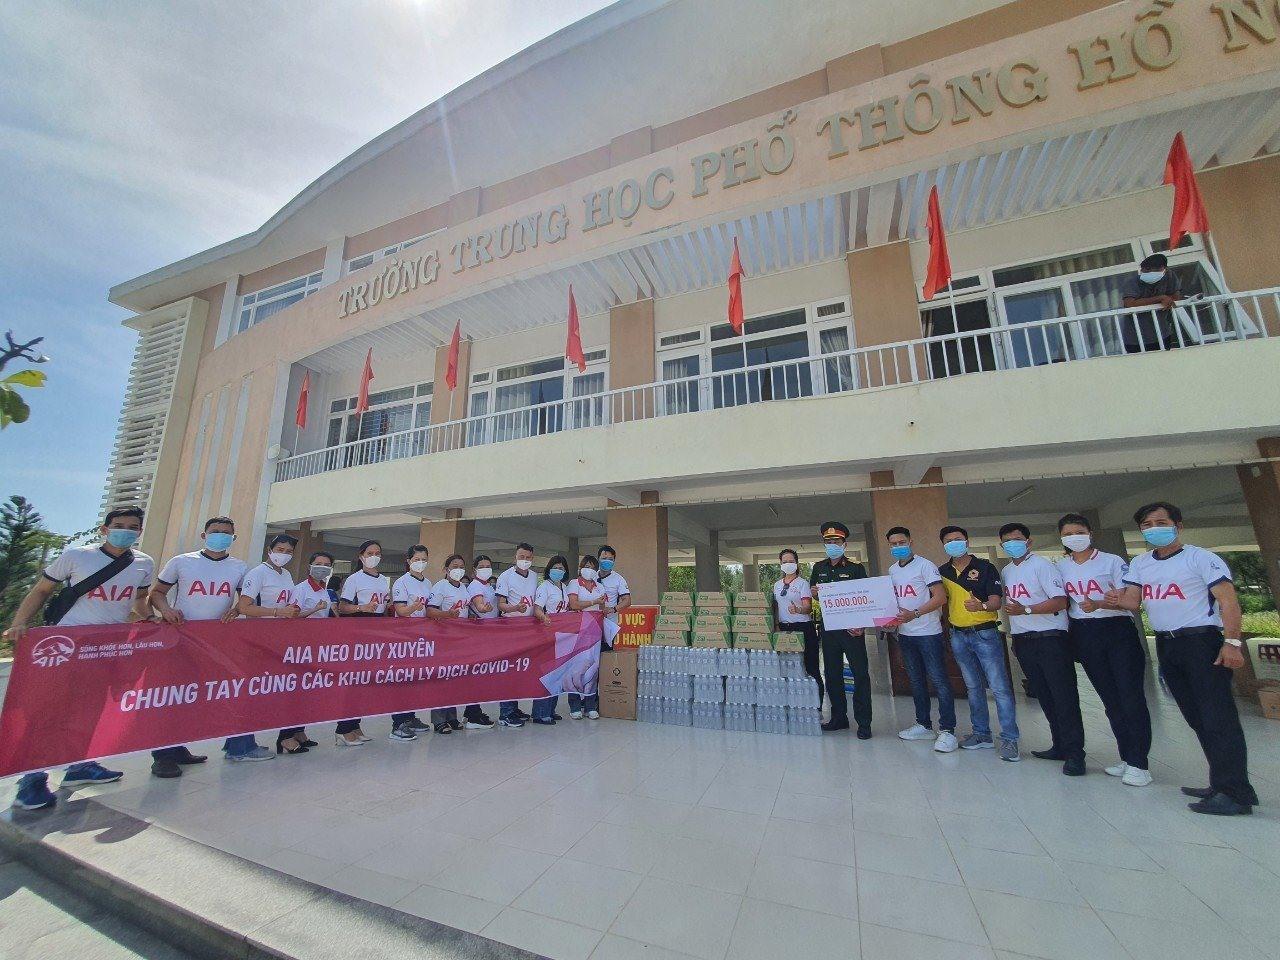 Đại diện AIA trao quà cho khu cách ly tập trung tại trường THPT Hồ Nghinh (Duy Xuyên). Ảnh: H.Q